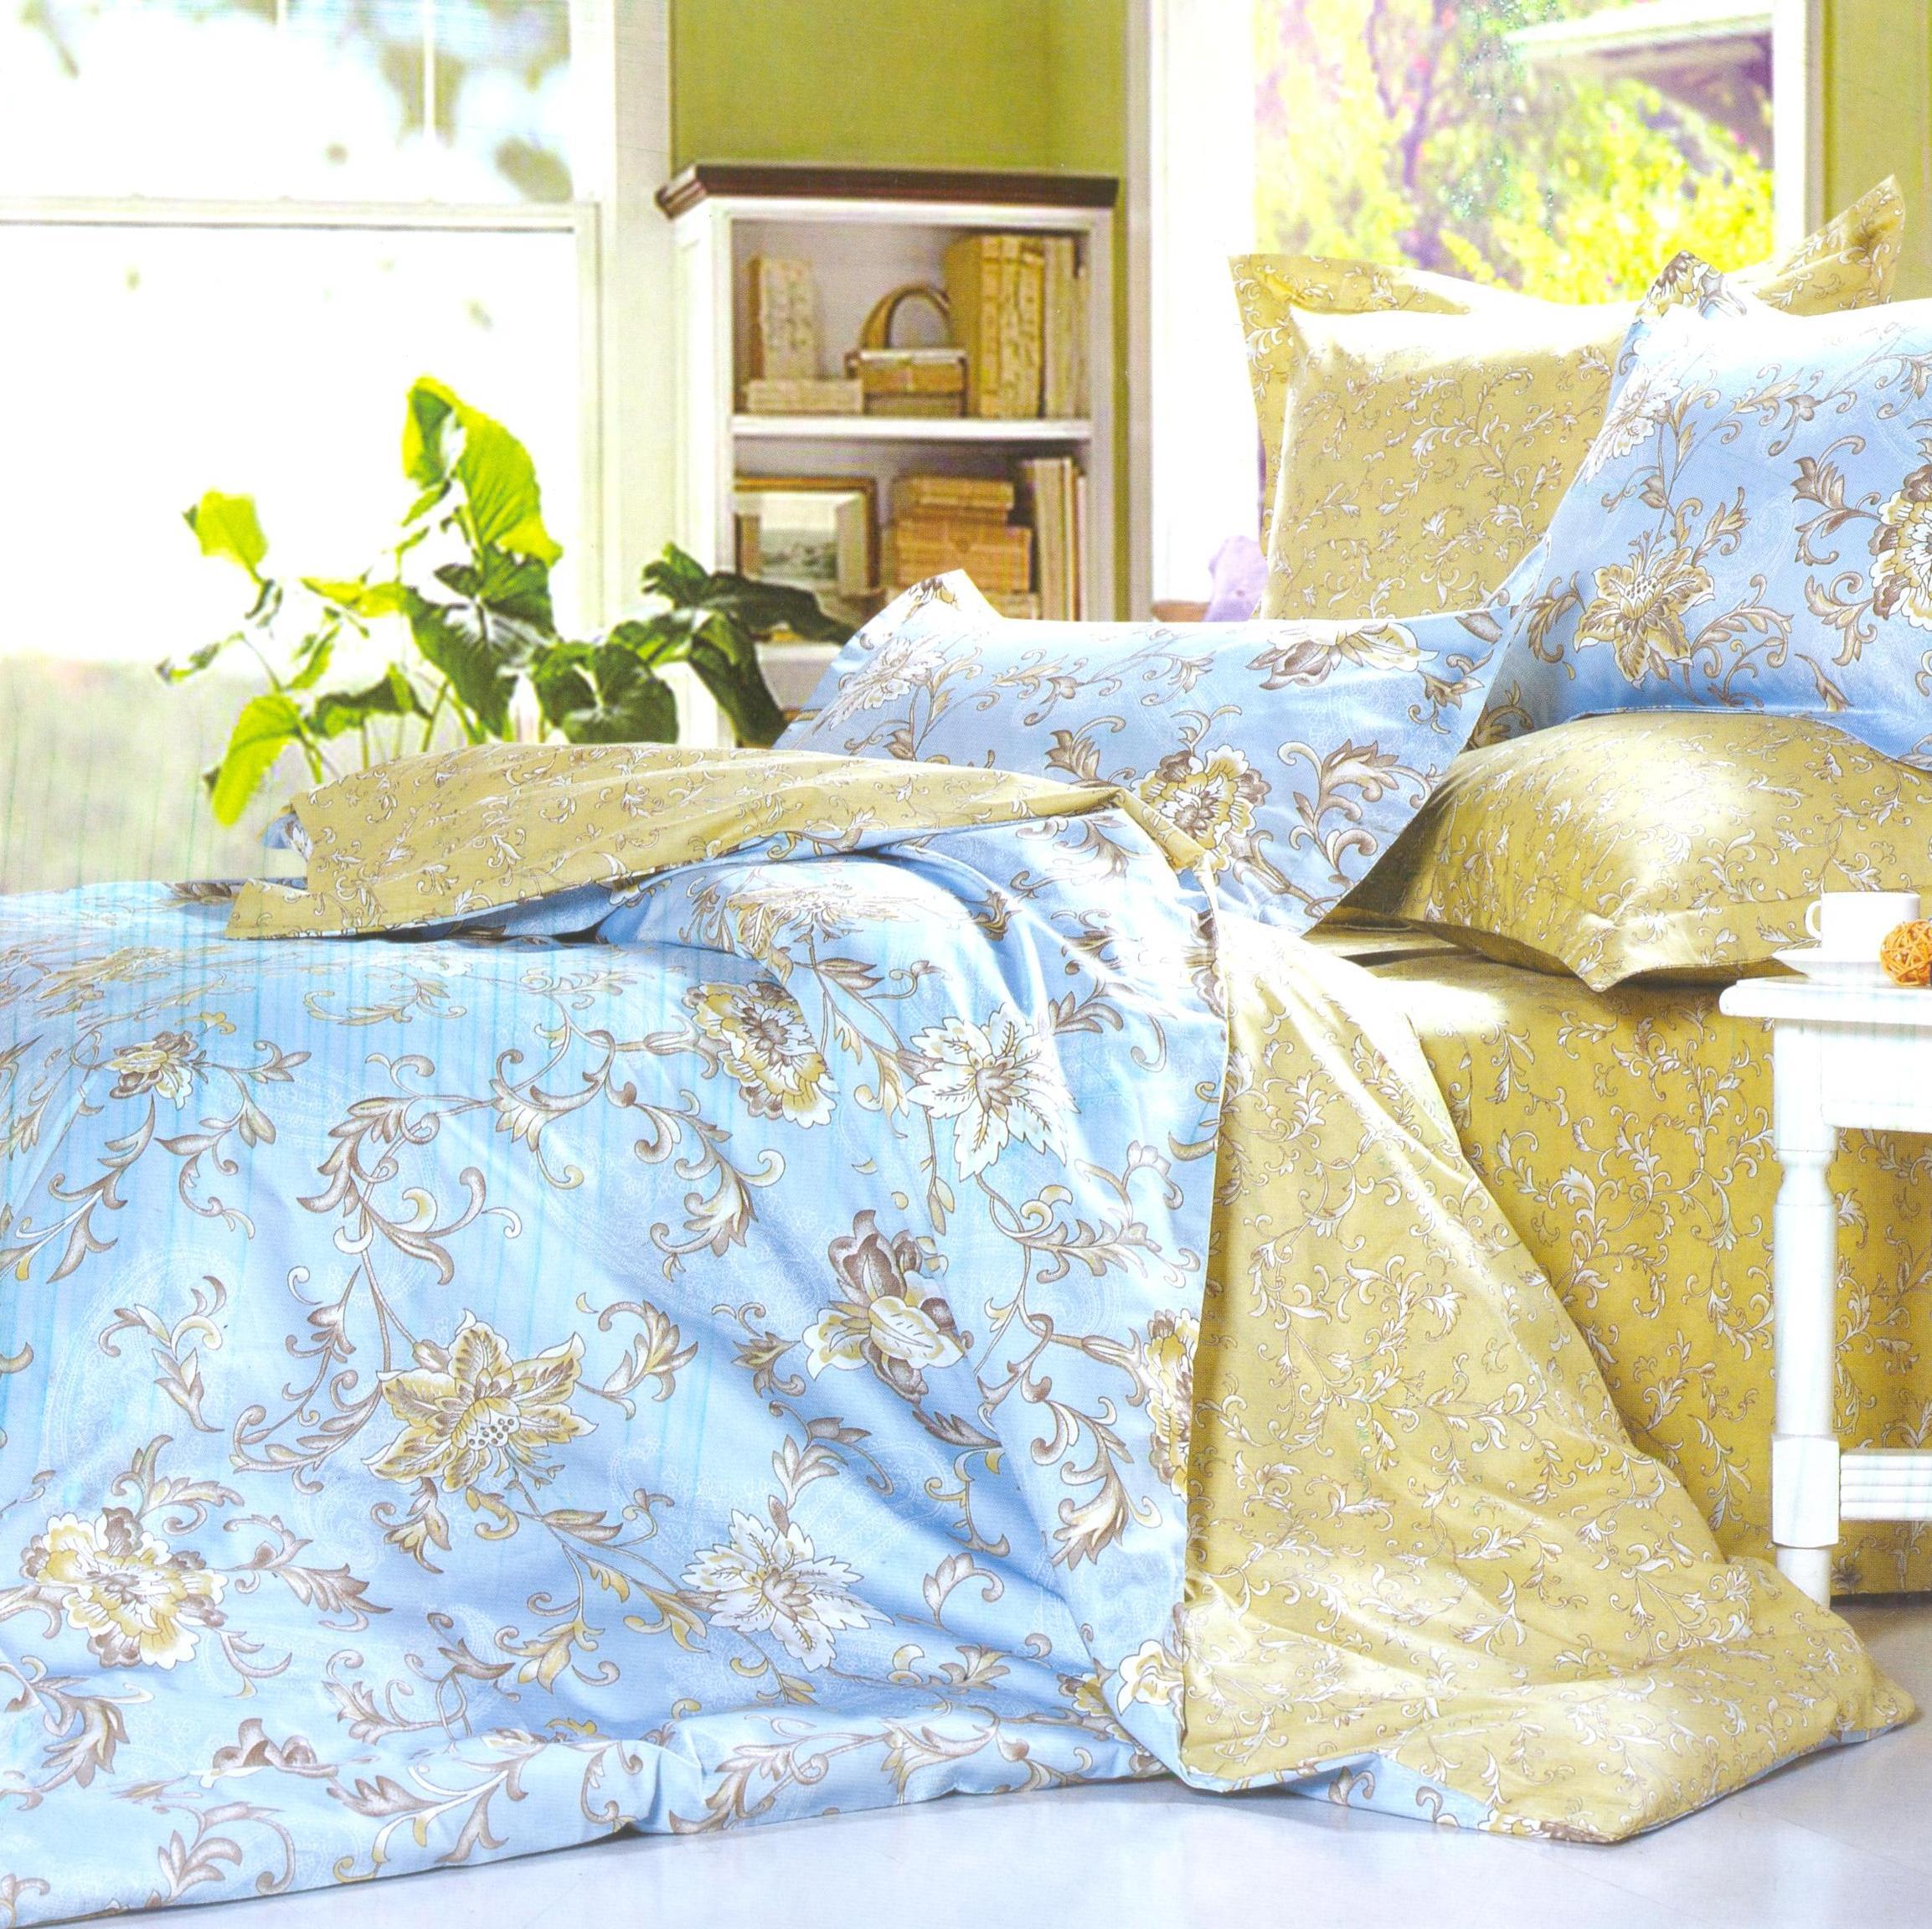 Купить Комплекты постельного белья СайлиД, Постельное белье Masane B-144 (семейное), Китай, Голубой, Хлопковый сатин